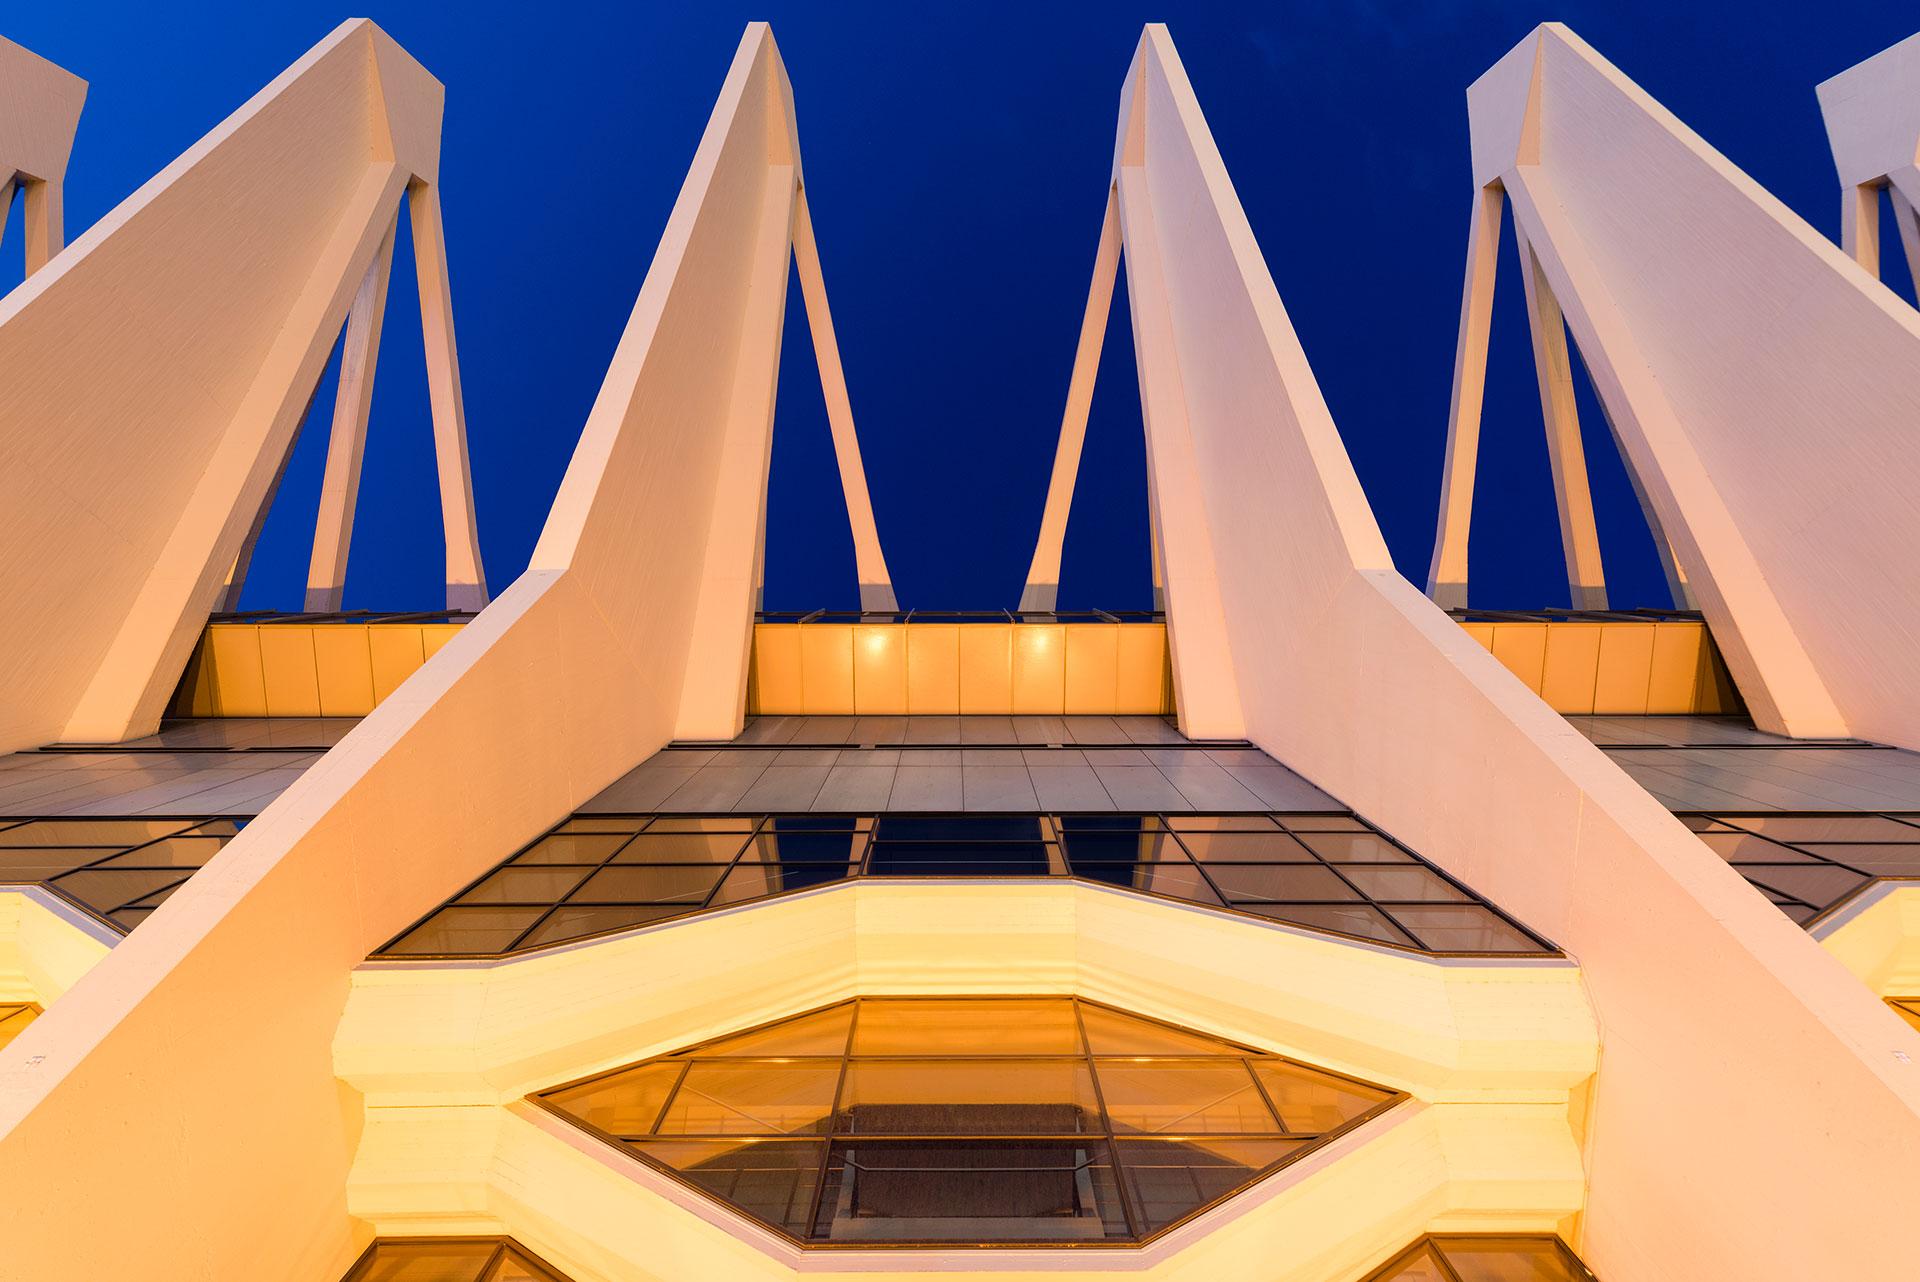 Die Bremer Stadthalle wurde in 2011 offiziell in ÖVB Arena umbenannt die Architektur wurde 1964 erbaut